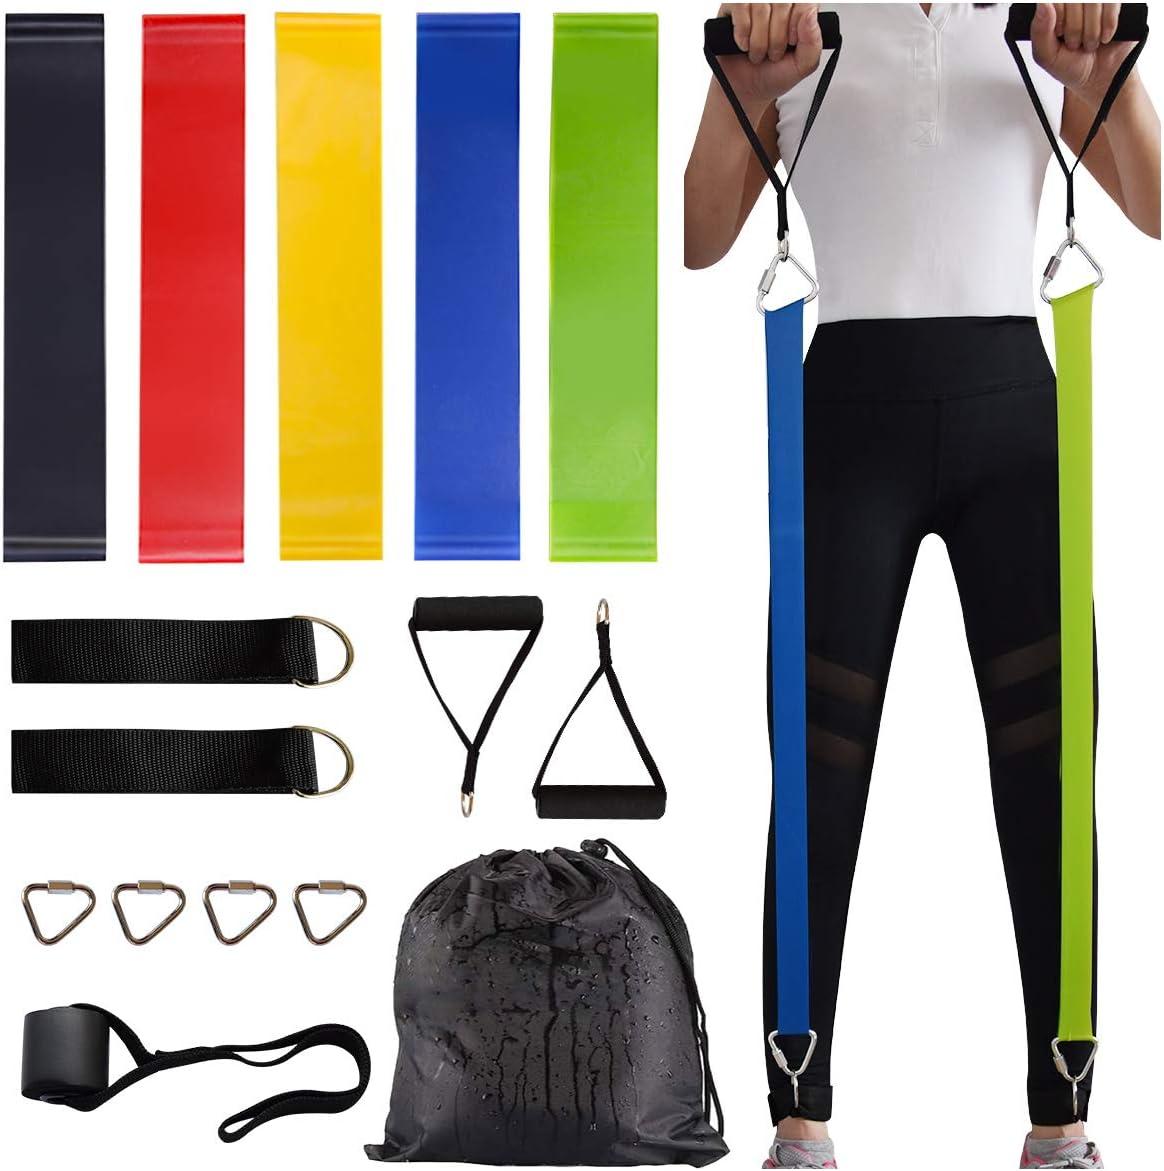 Bandas elasticas de entrenamiento (5 unidades)